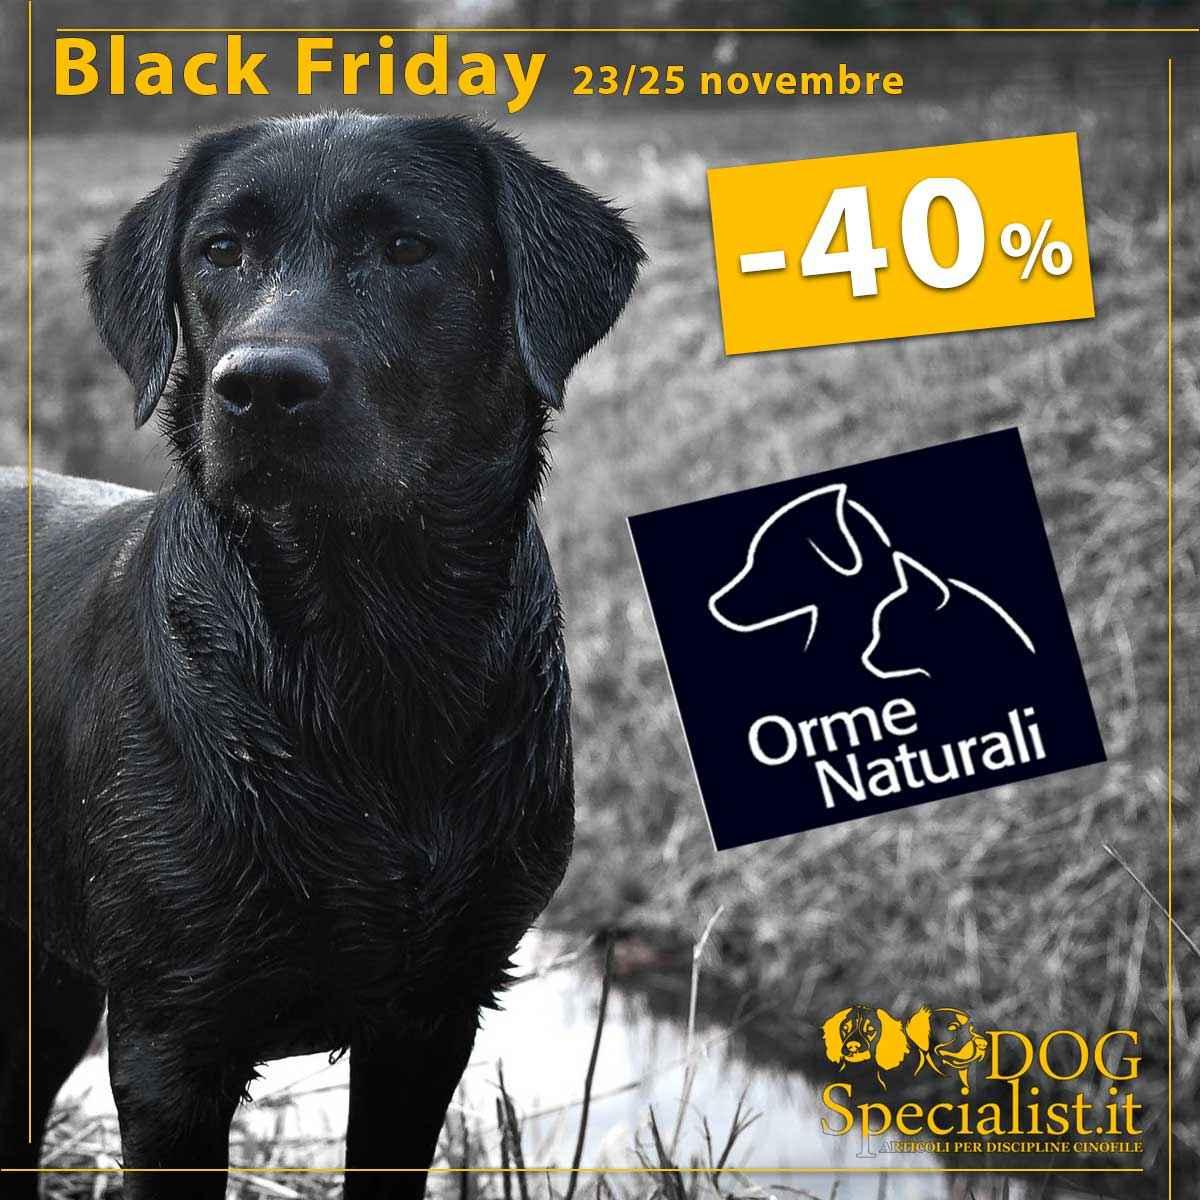 BF-OrmeNaturali-50.jpg